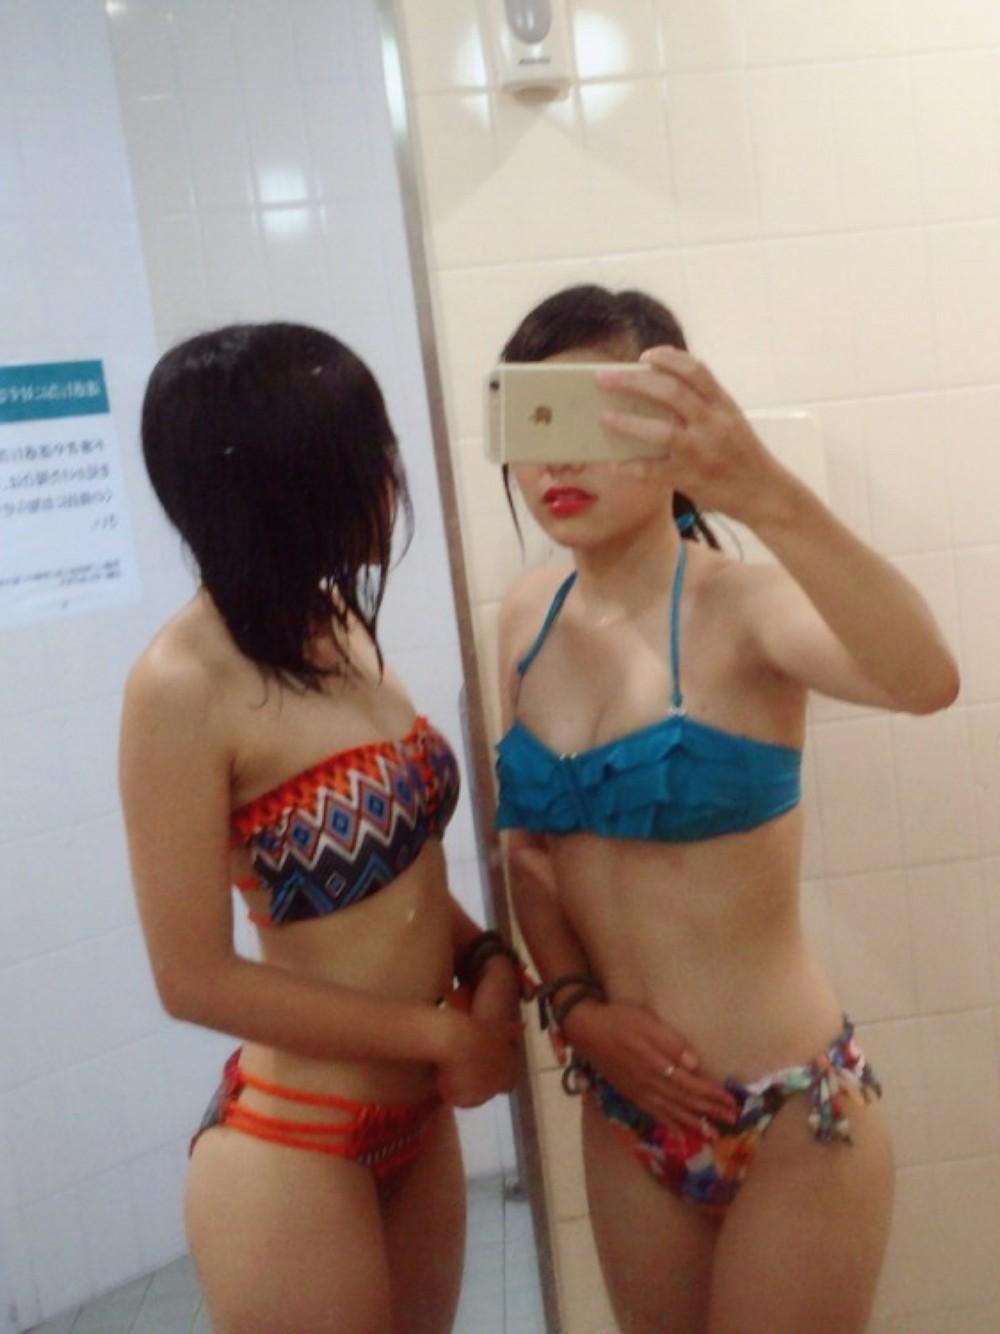 来年の夏までおあずけになってしまった女子高生の水着画像wwwwwwww c3lalUf